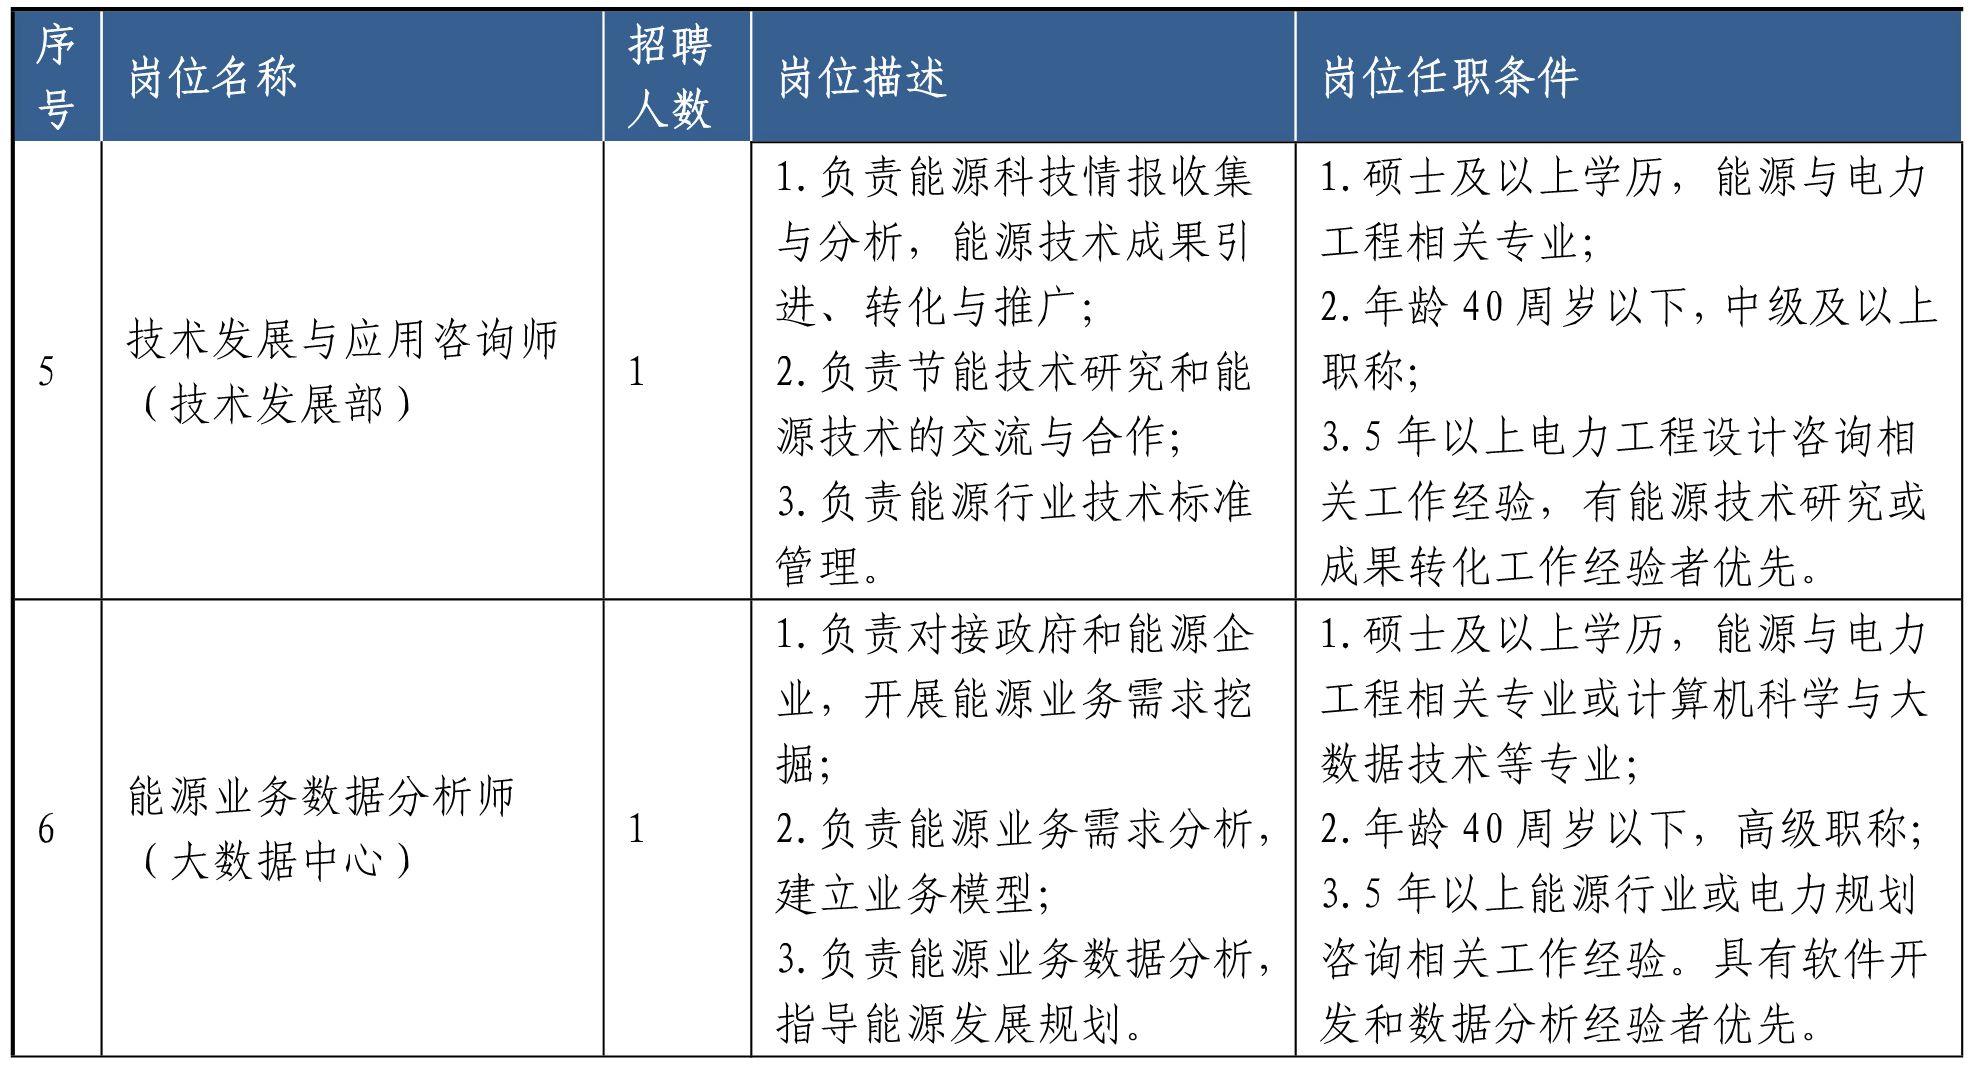 2020年山东省能源规划发展研究中心招聘12人公告2